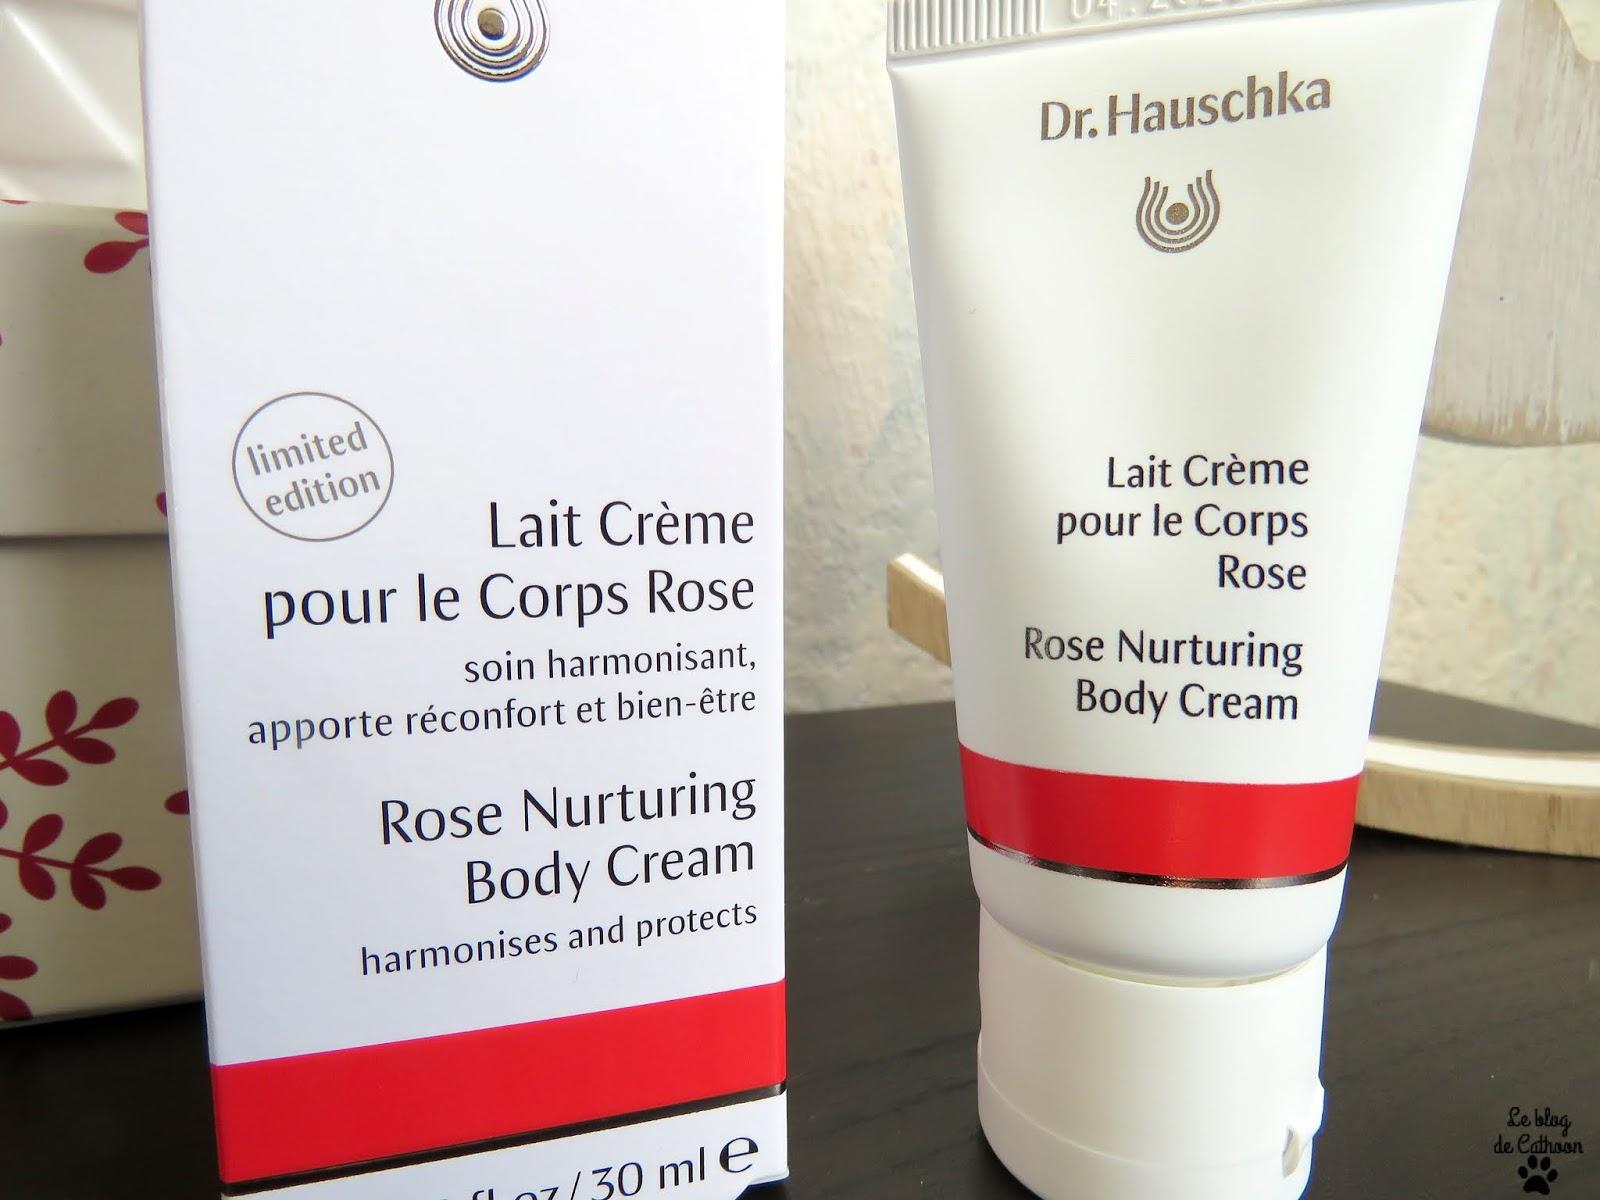 Lait Crème pour le Corps Rose - Dr Hauschka